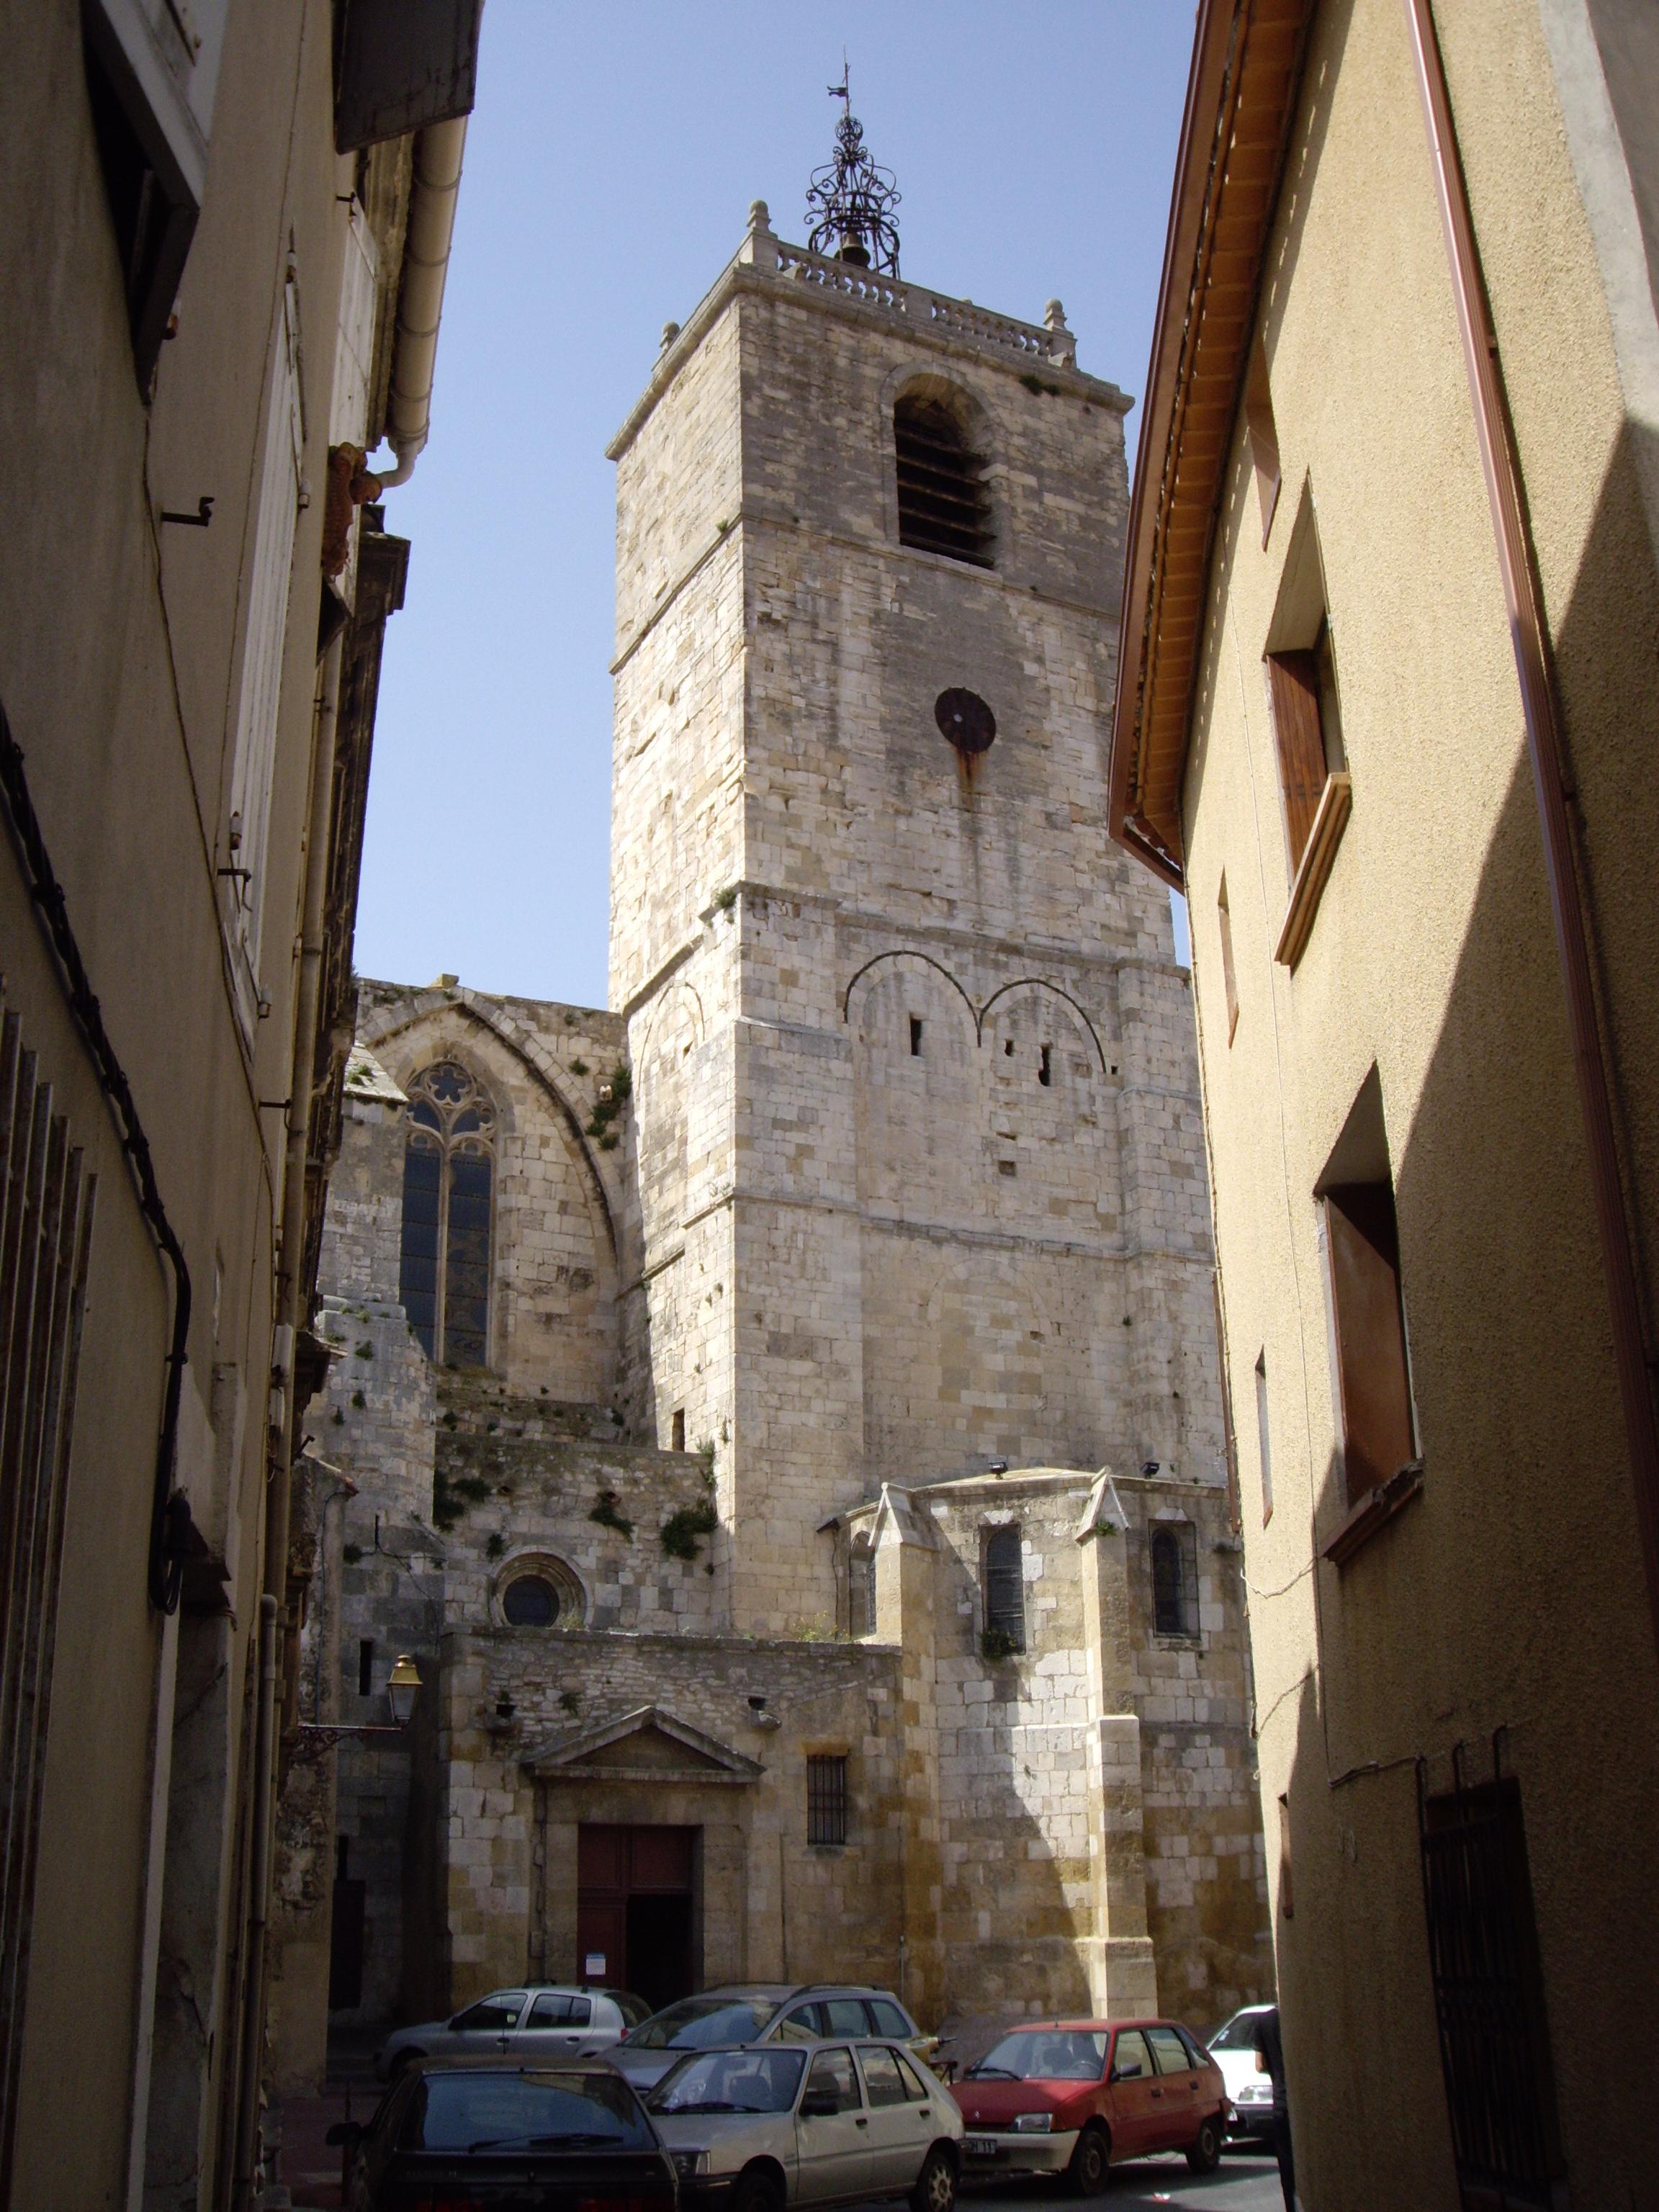 Narbonne Version 3 1: File:Basilique Saint-Paul (Narbonne, 11).JPG